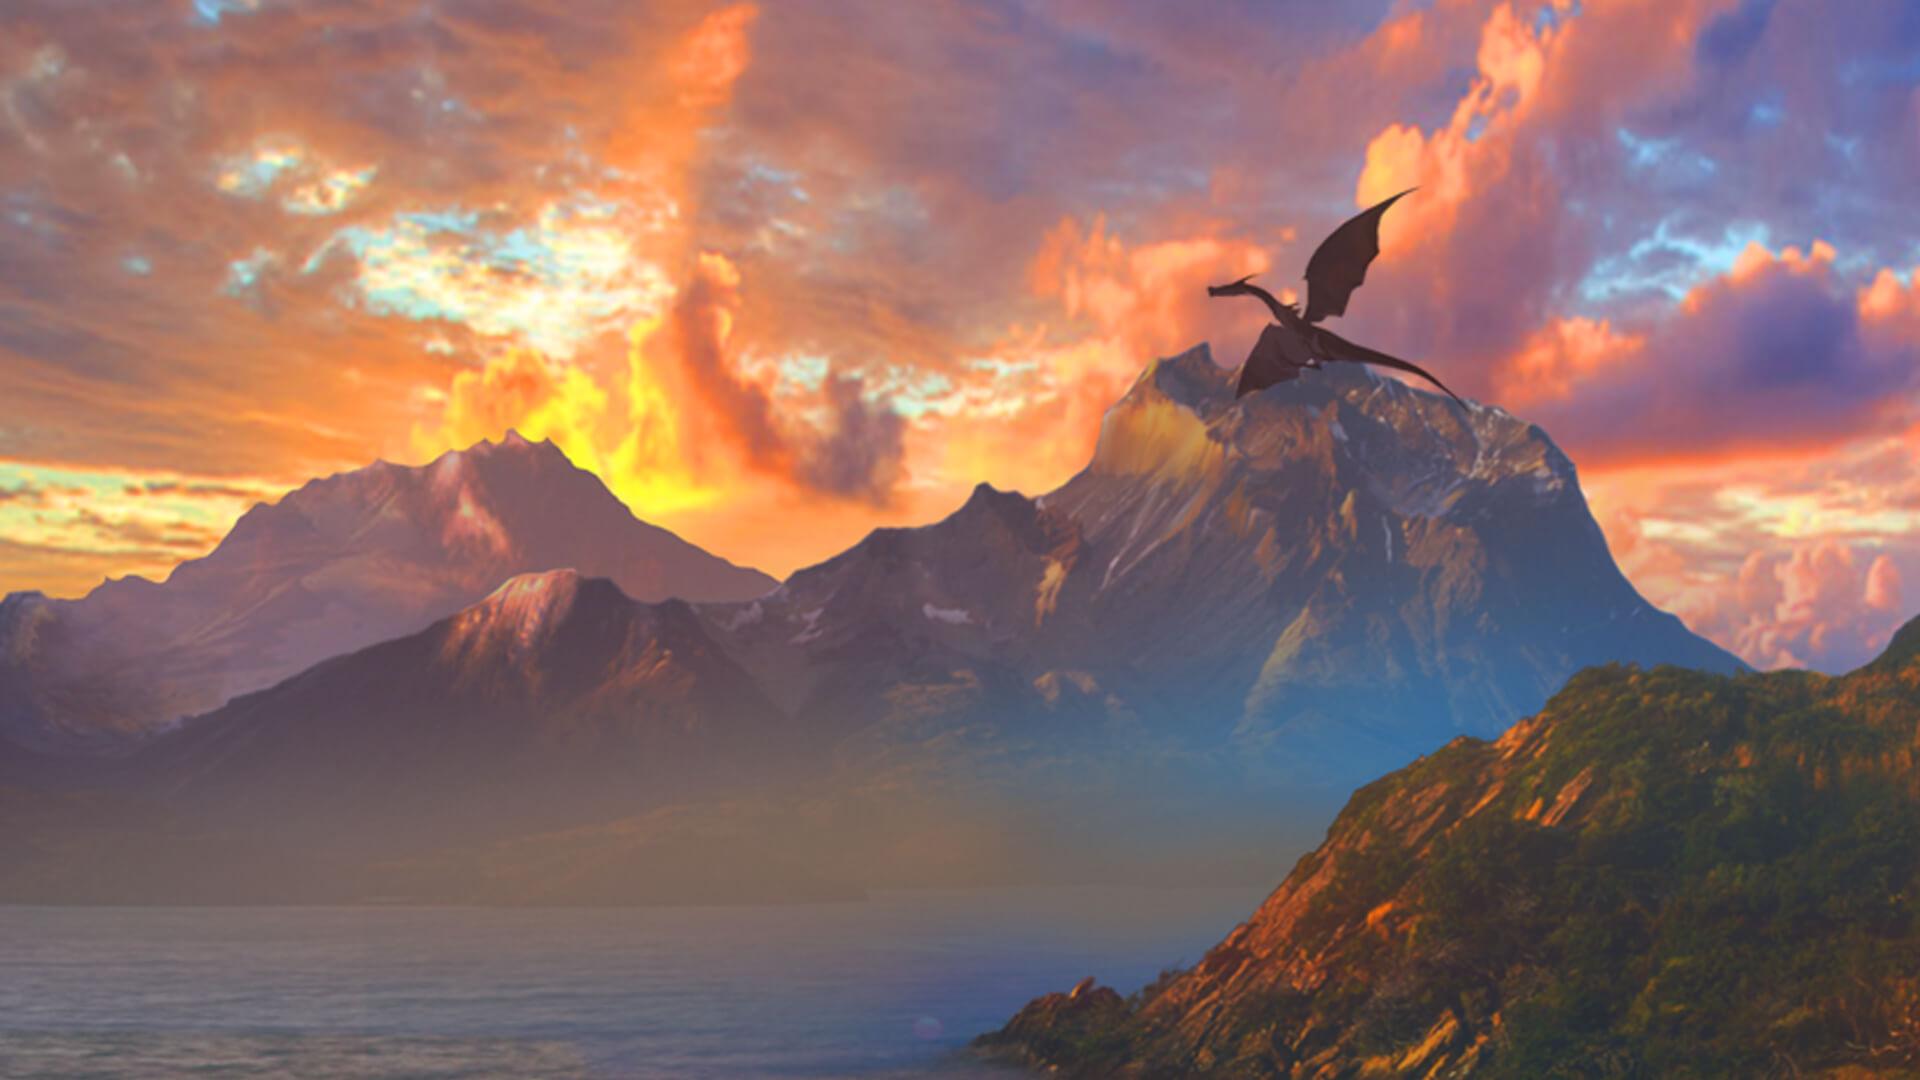 Hintergrund mit hoher Auflösung Dragon Reborn